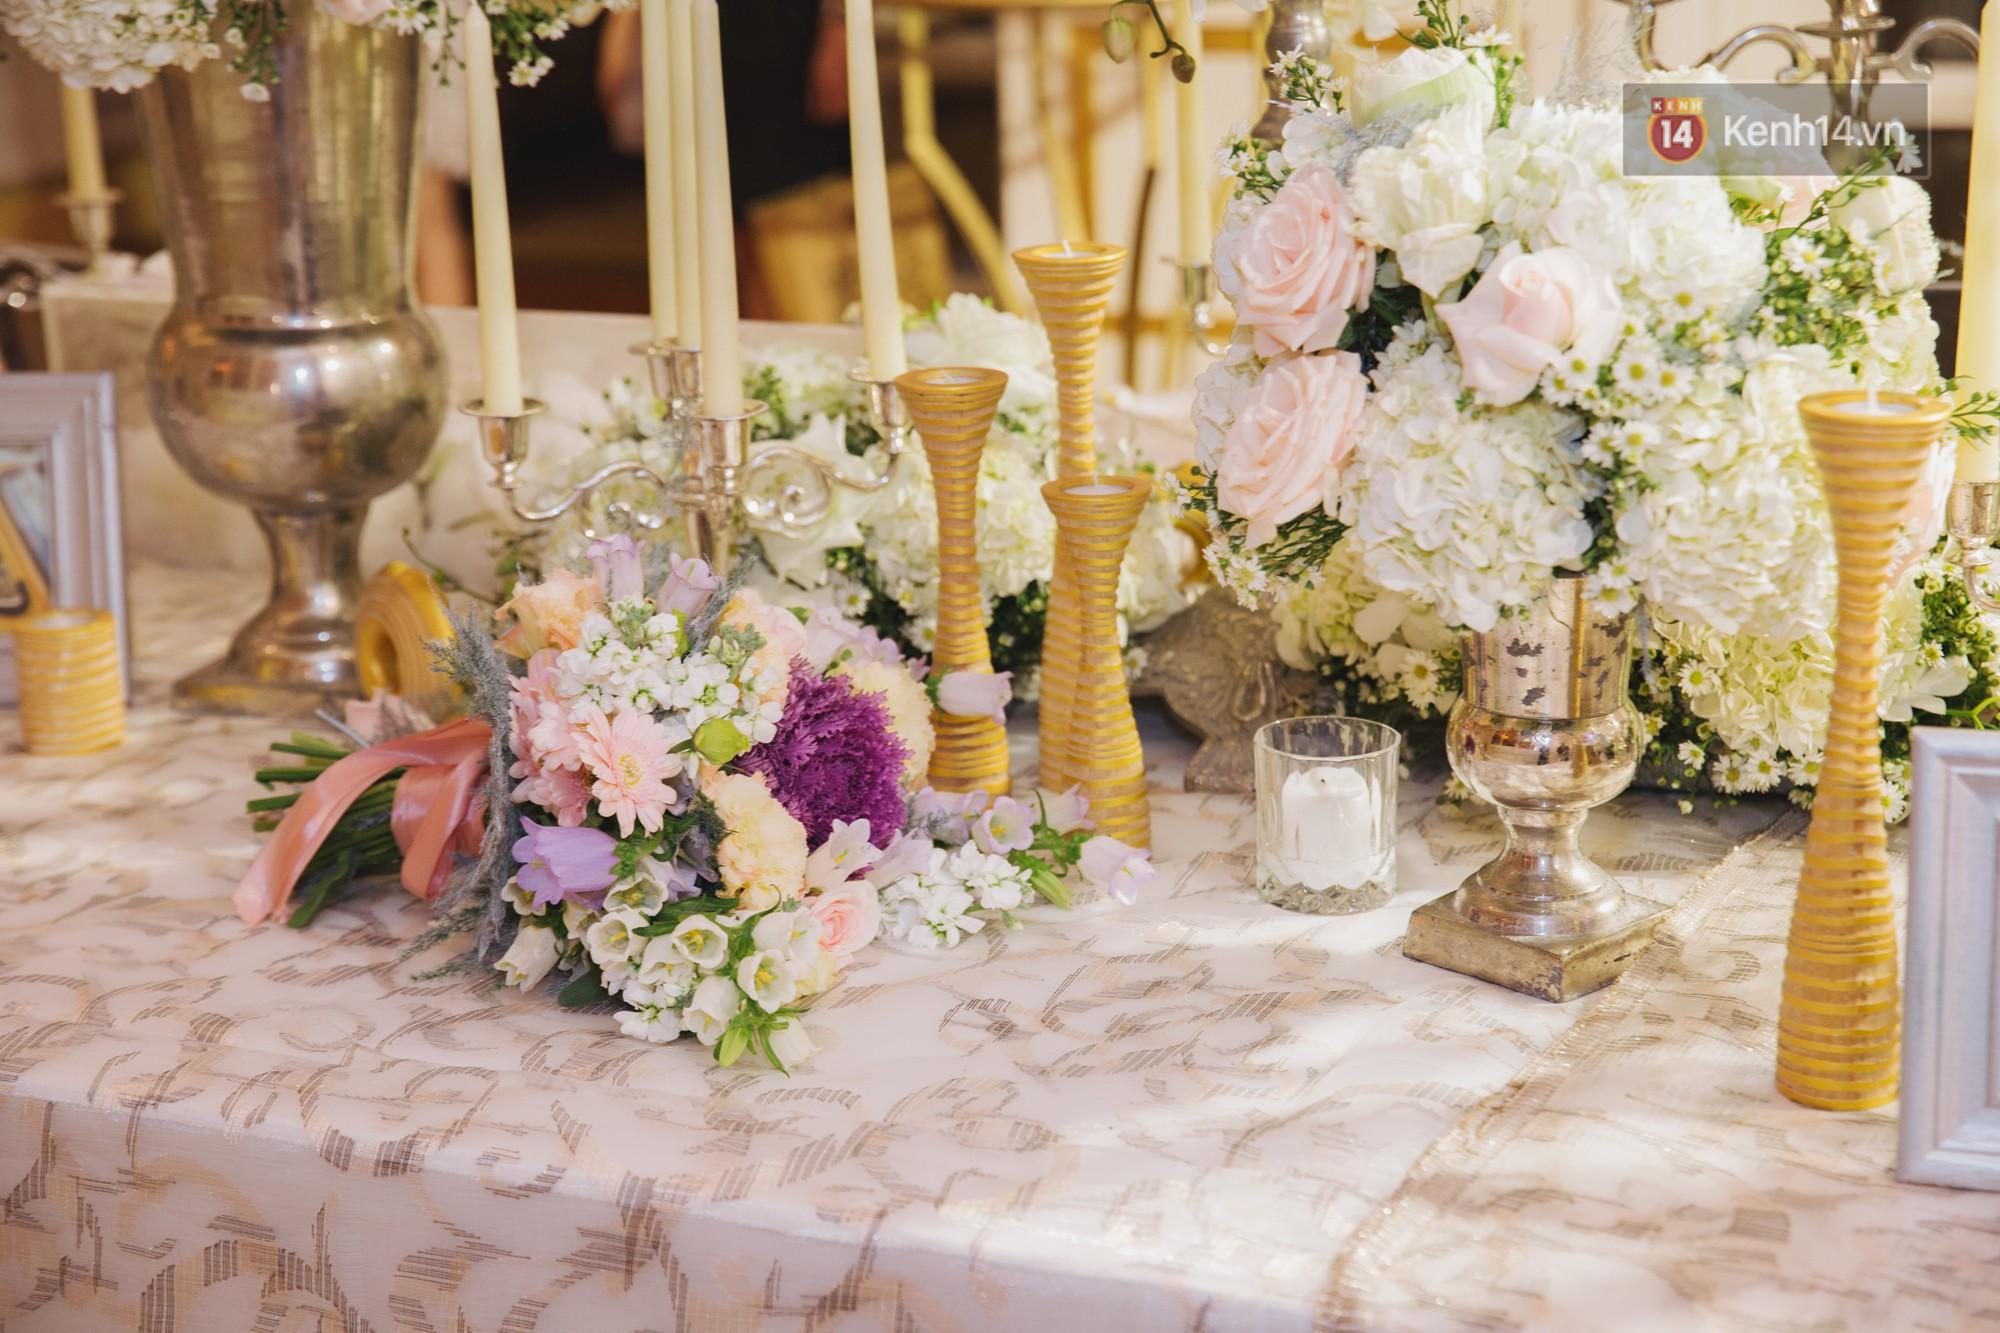 Dù rất hồi hộp, Lê Hiếu vẫn kịp nhắn đến bà xã lời hứa ngọt ngào trong đám cưới-10